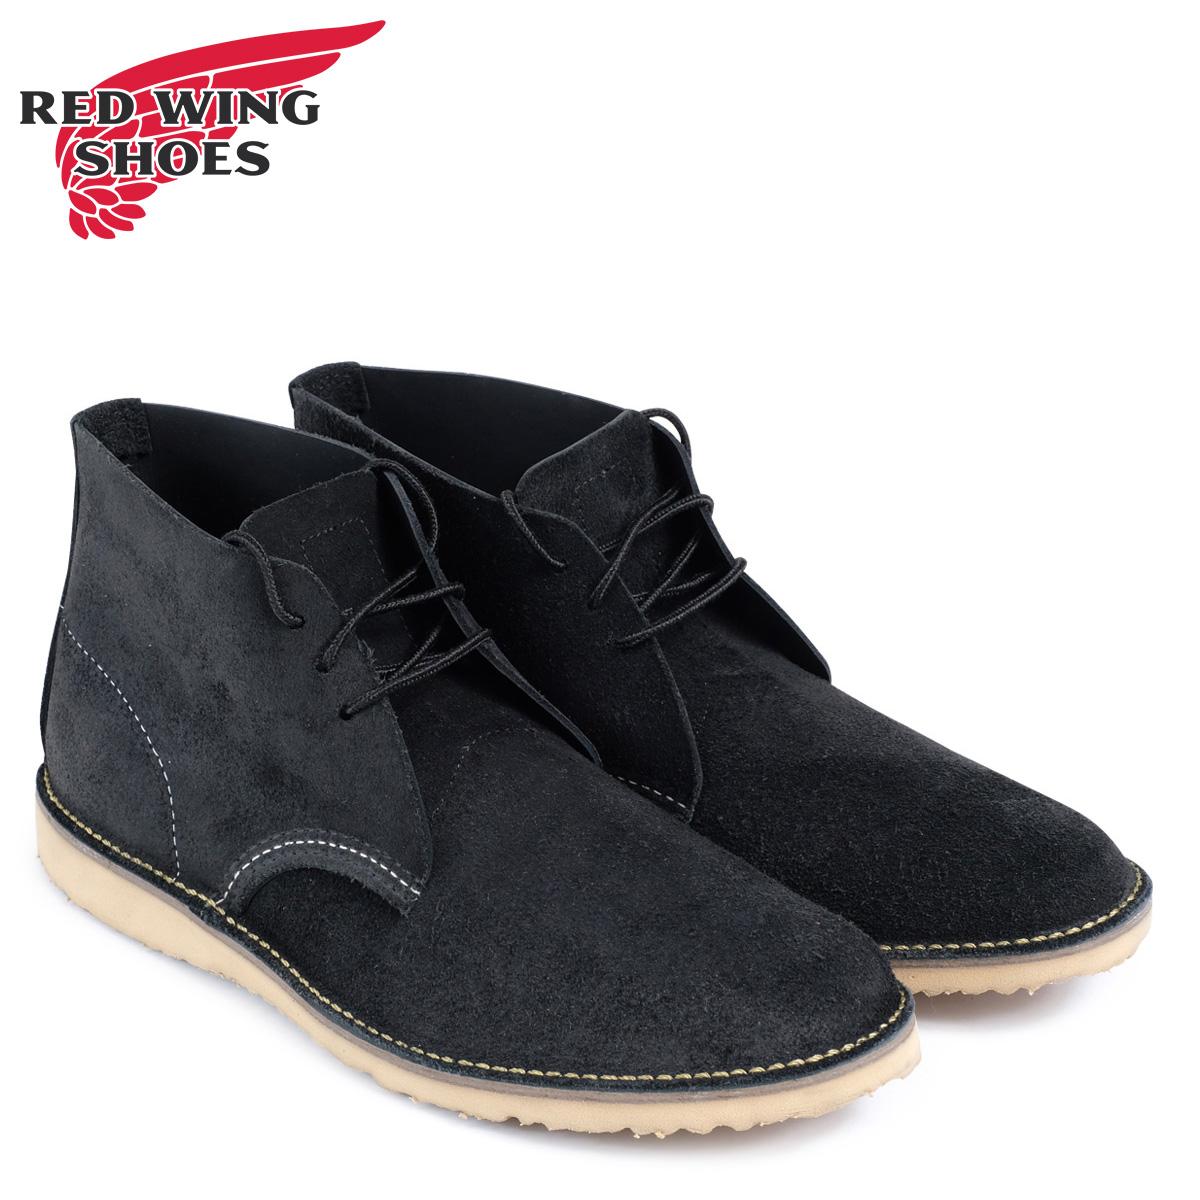 レッドウィング RED WING ブーツ チャッカブーツ メンズ WEEKENDER CHUKKA Dワイズ ブラック 黒 3323